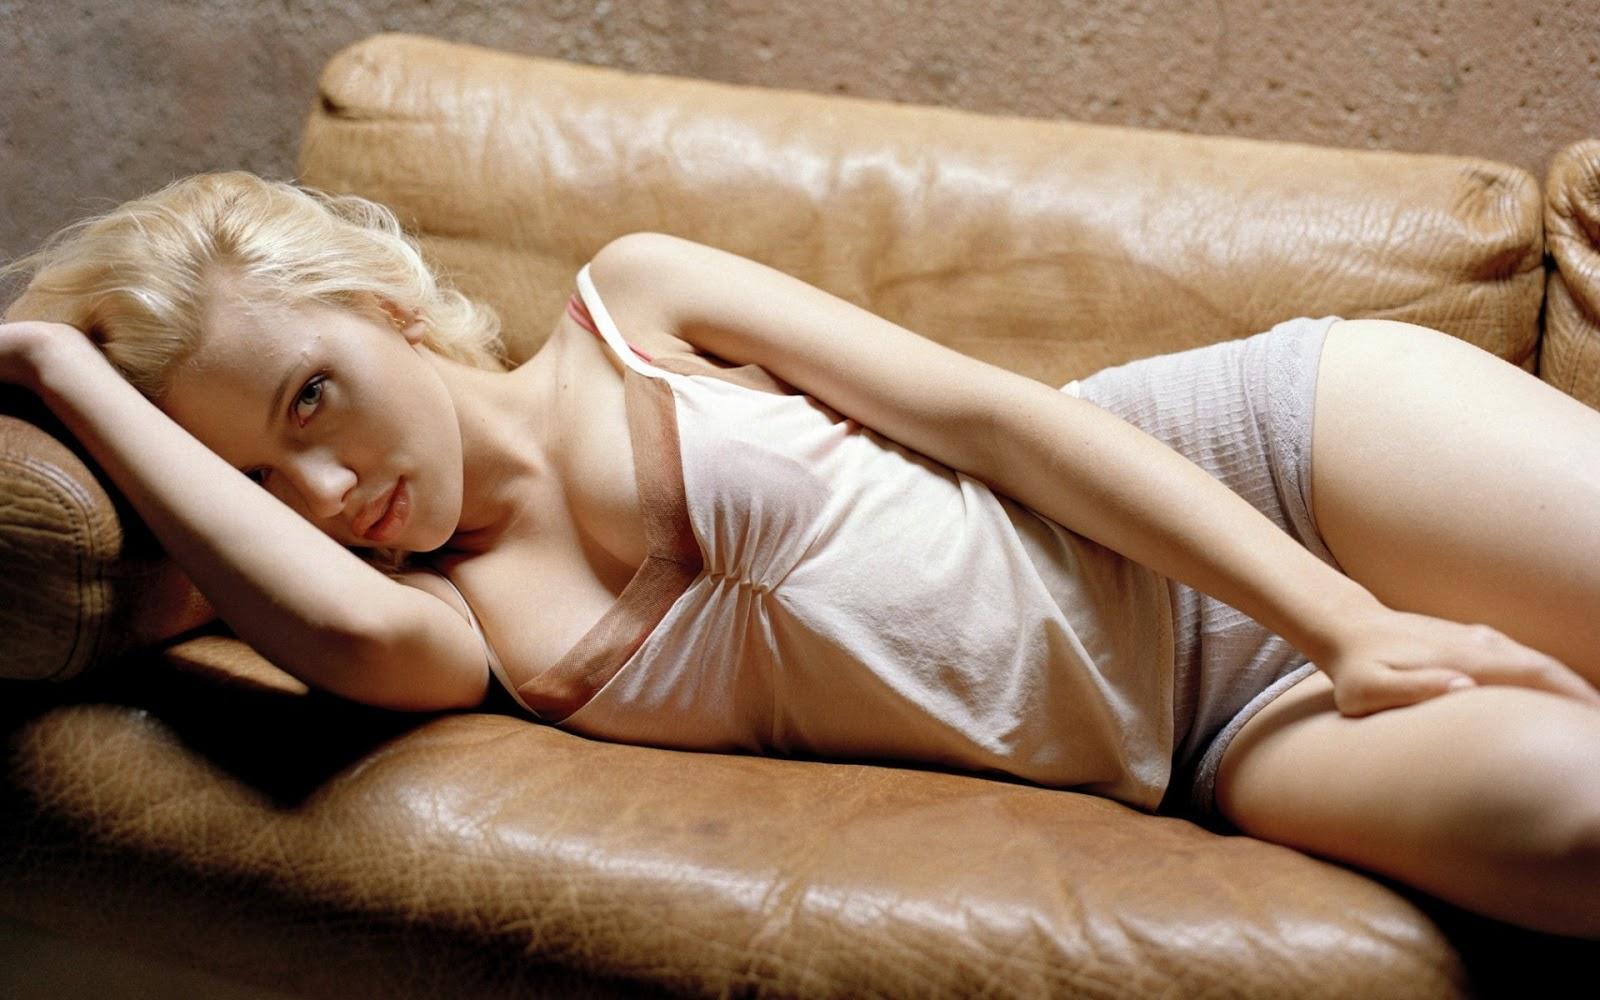 http://1.bp.blogspot.com/-sWc0GmpdA-s/ULtY9COtKkI/AAAAAAAAEuc/d8TN1w9FWsE/s1600/Scarlett-Johansson-Hot+Sexy+Nude.jpg